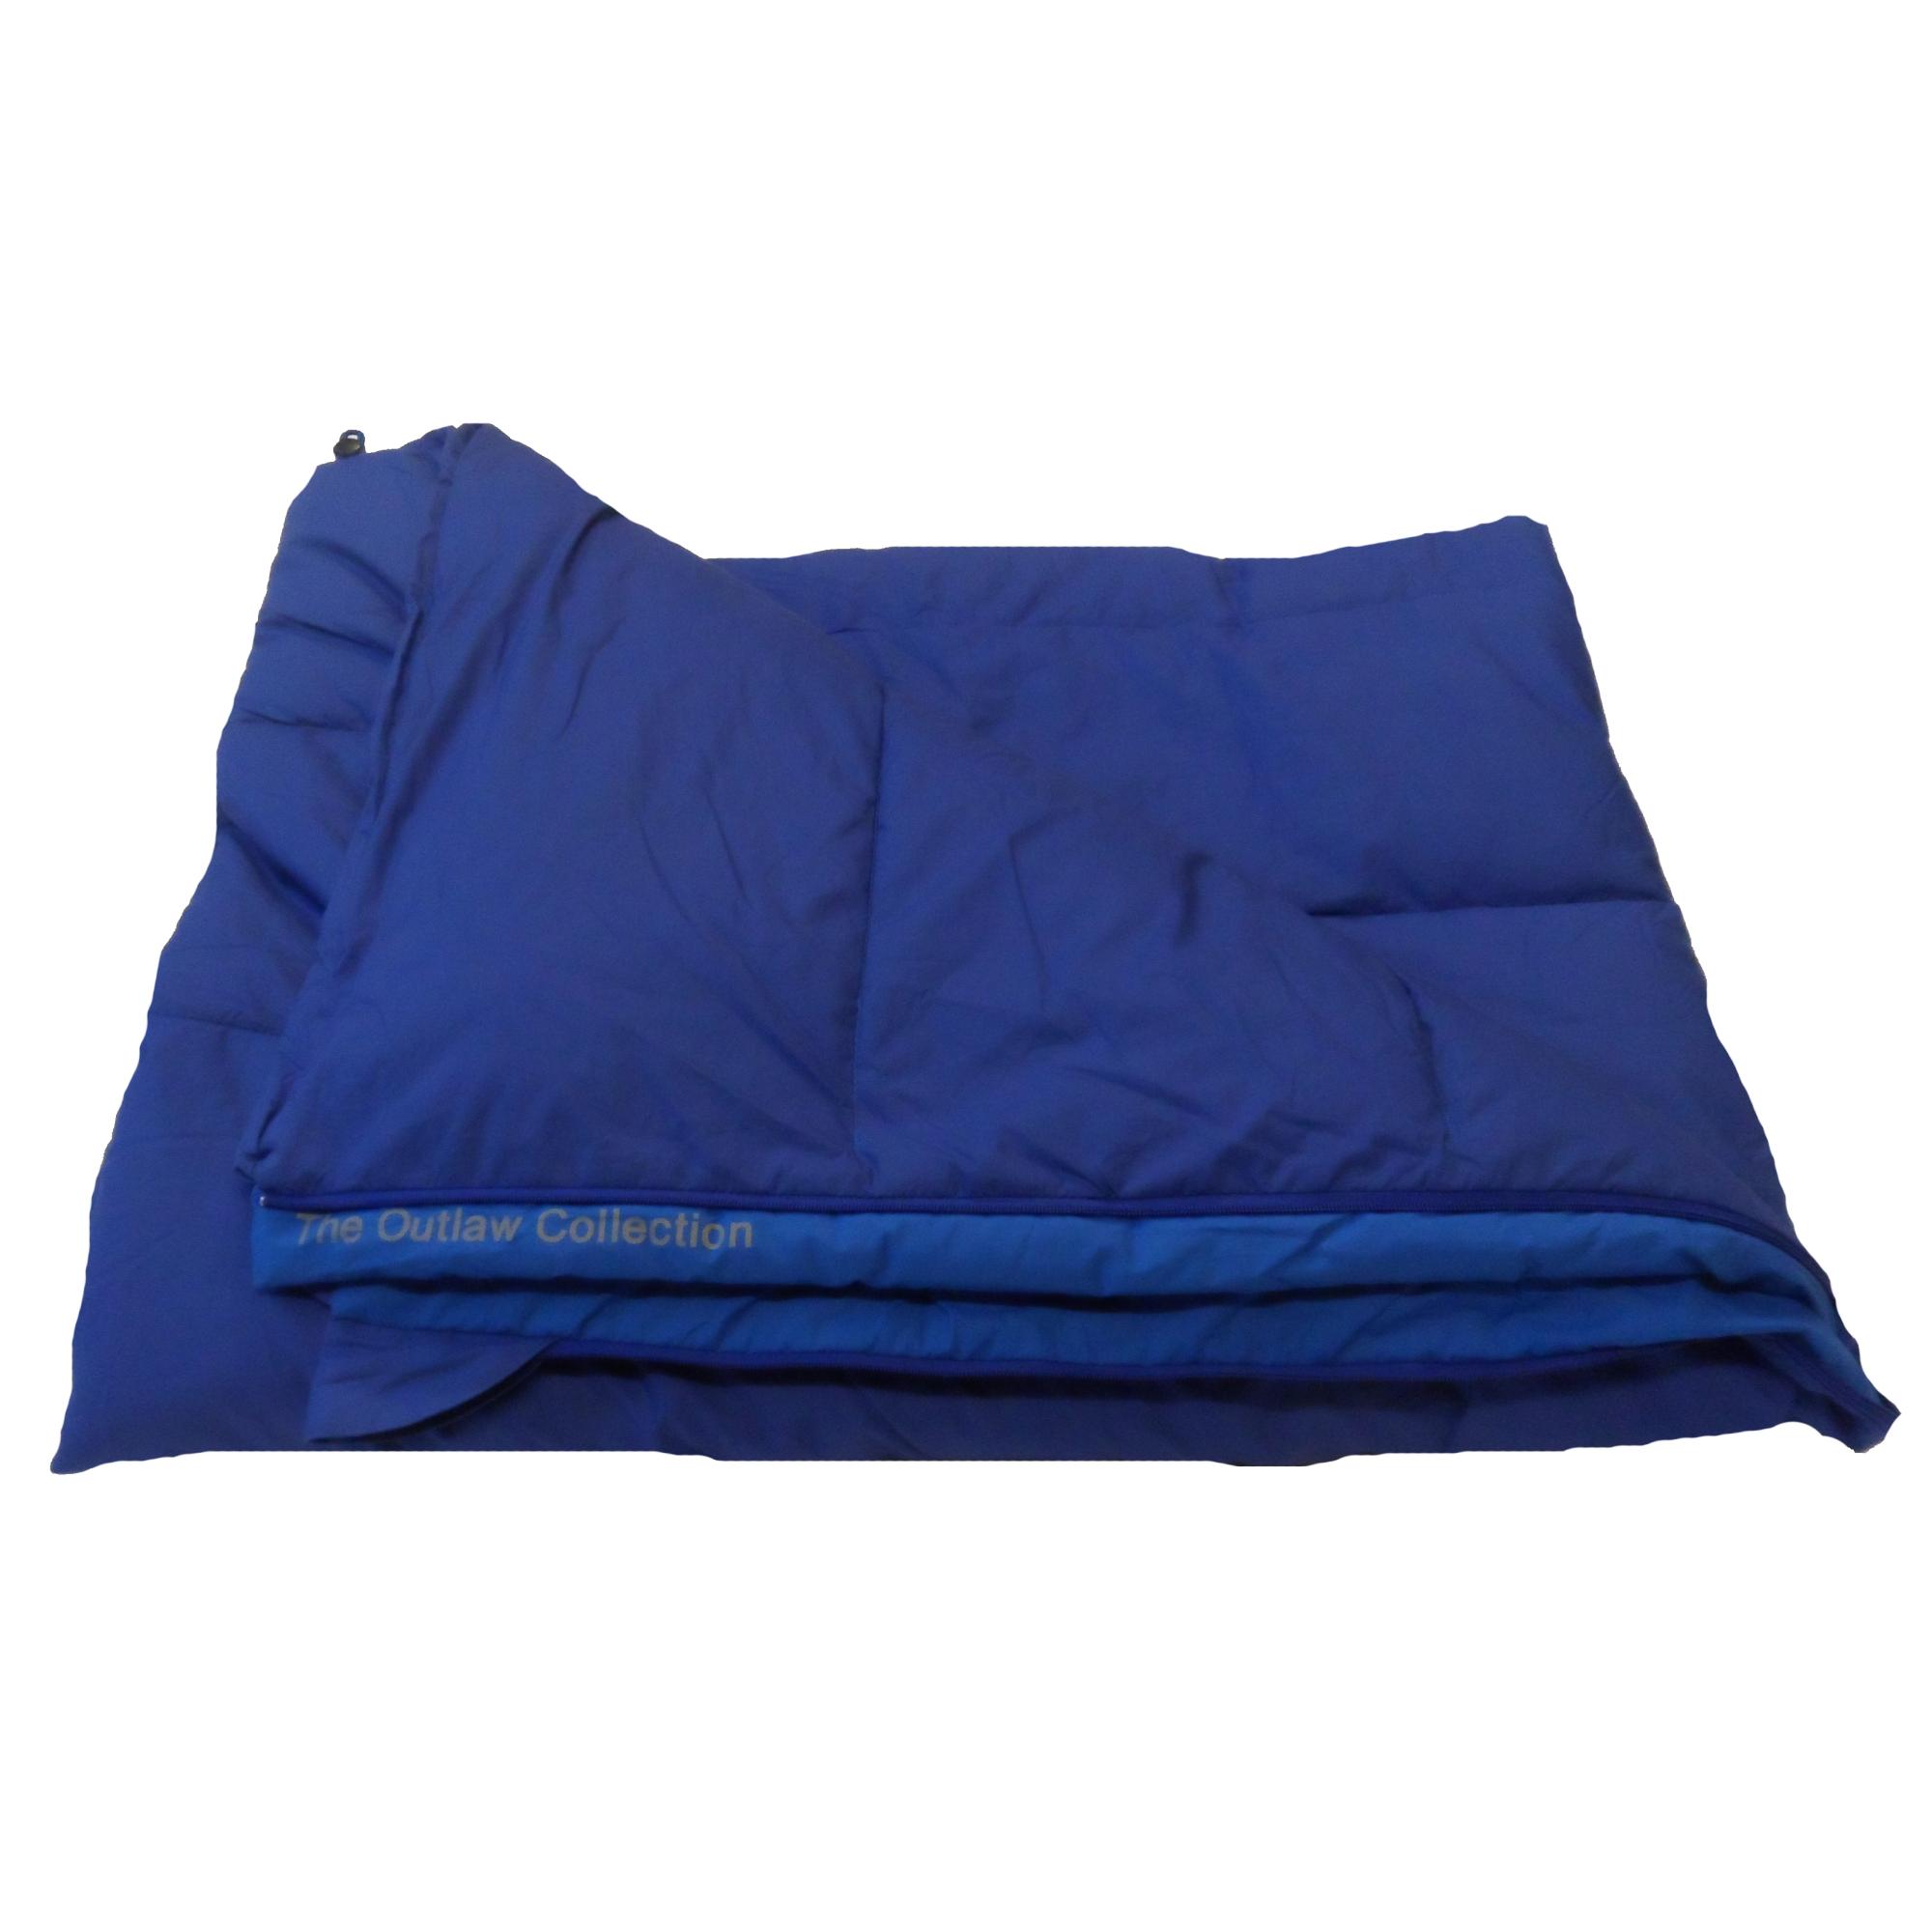 Blauwe Outlaw dekenmodel slaapzak